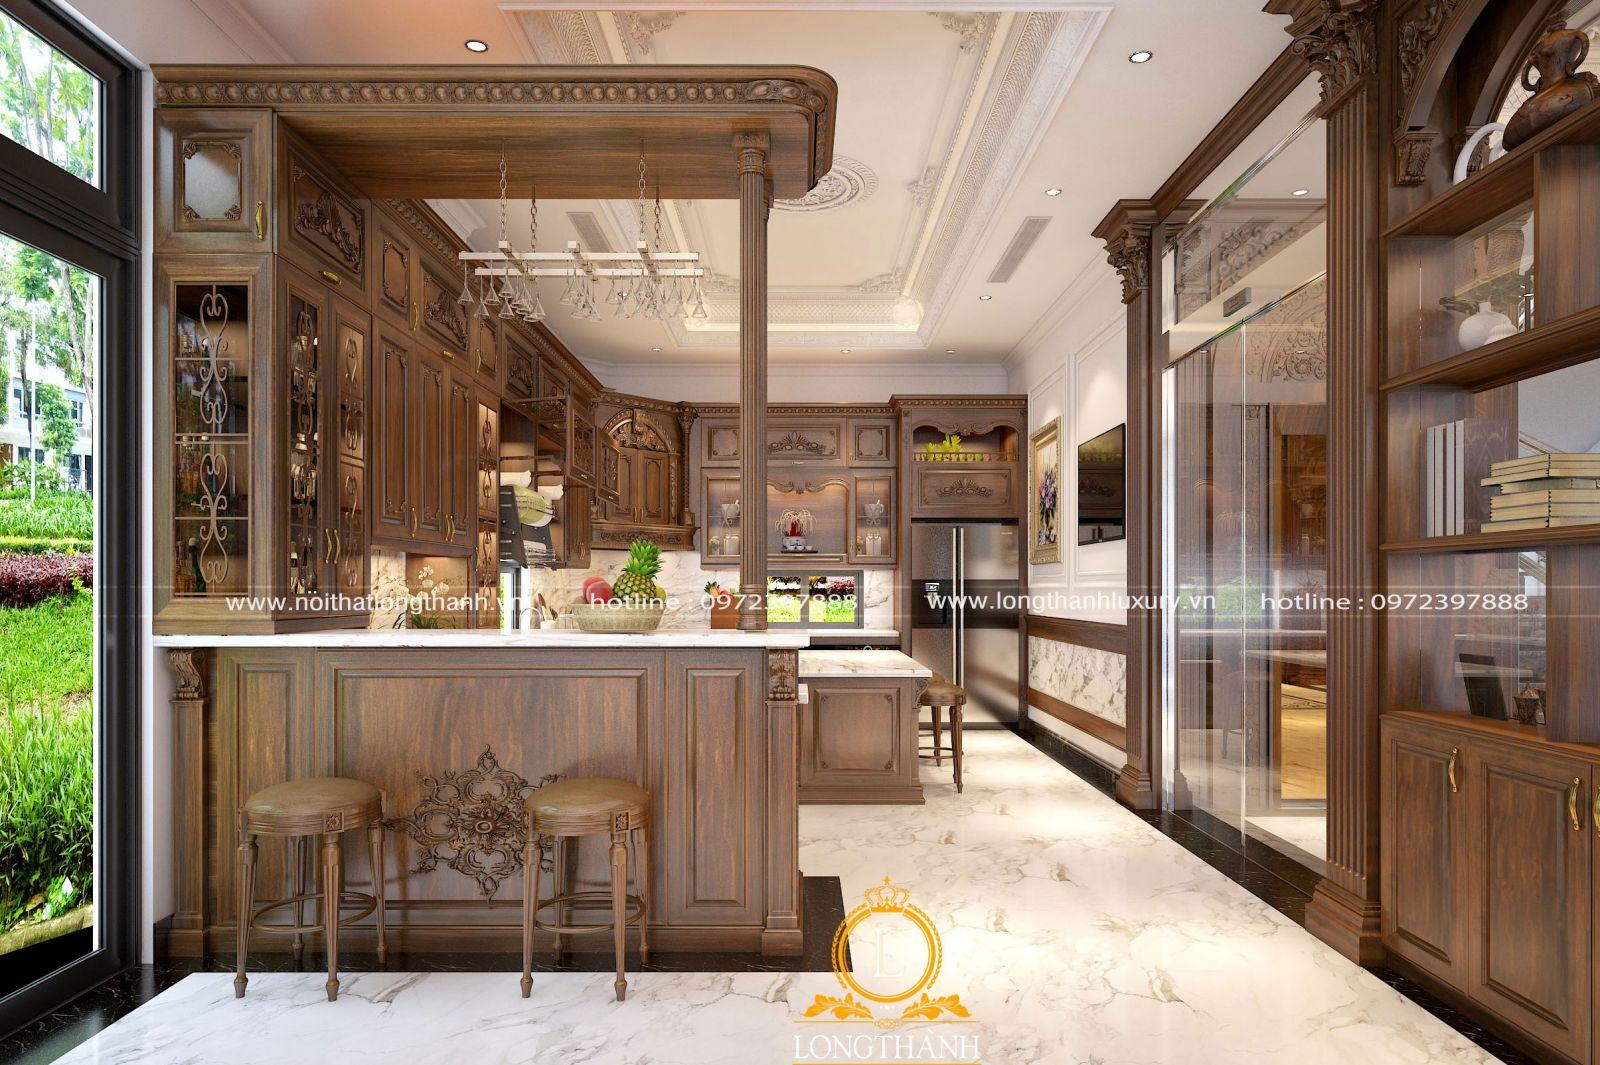 Thiết kế tủ bếp tân cổ điển đẹp cho không gian biệt thự